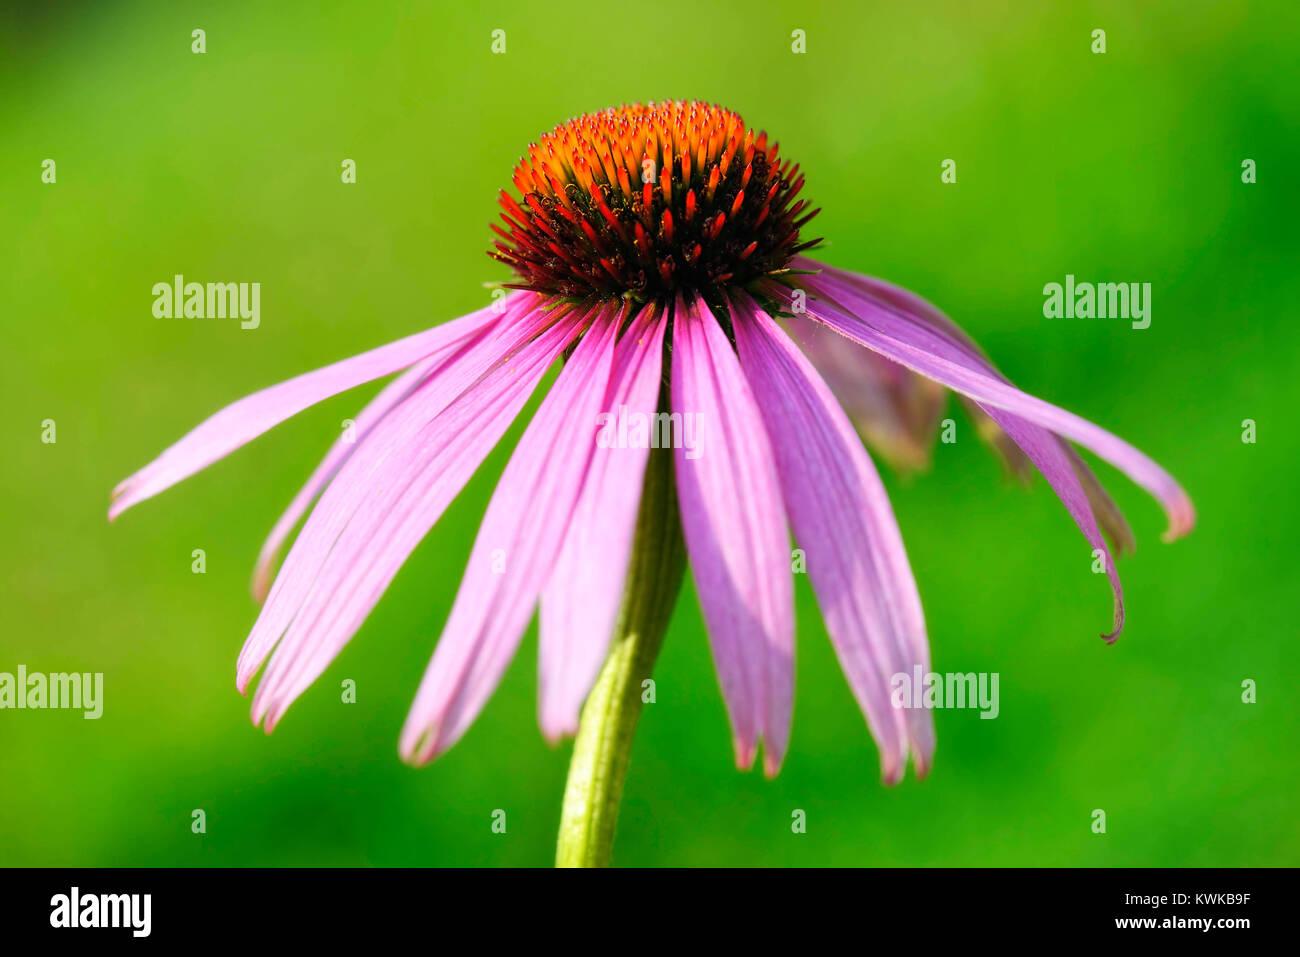 Magenta-solar hat (Echinacea purpurea), Purpur-Sonnenhut (Echinacea purpurea) - Stock Image